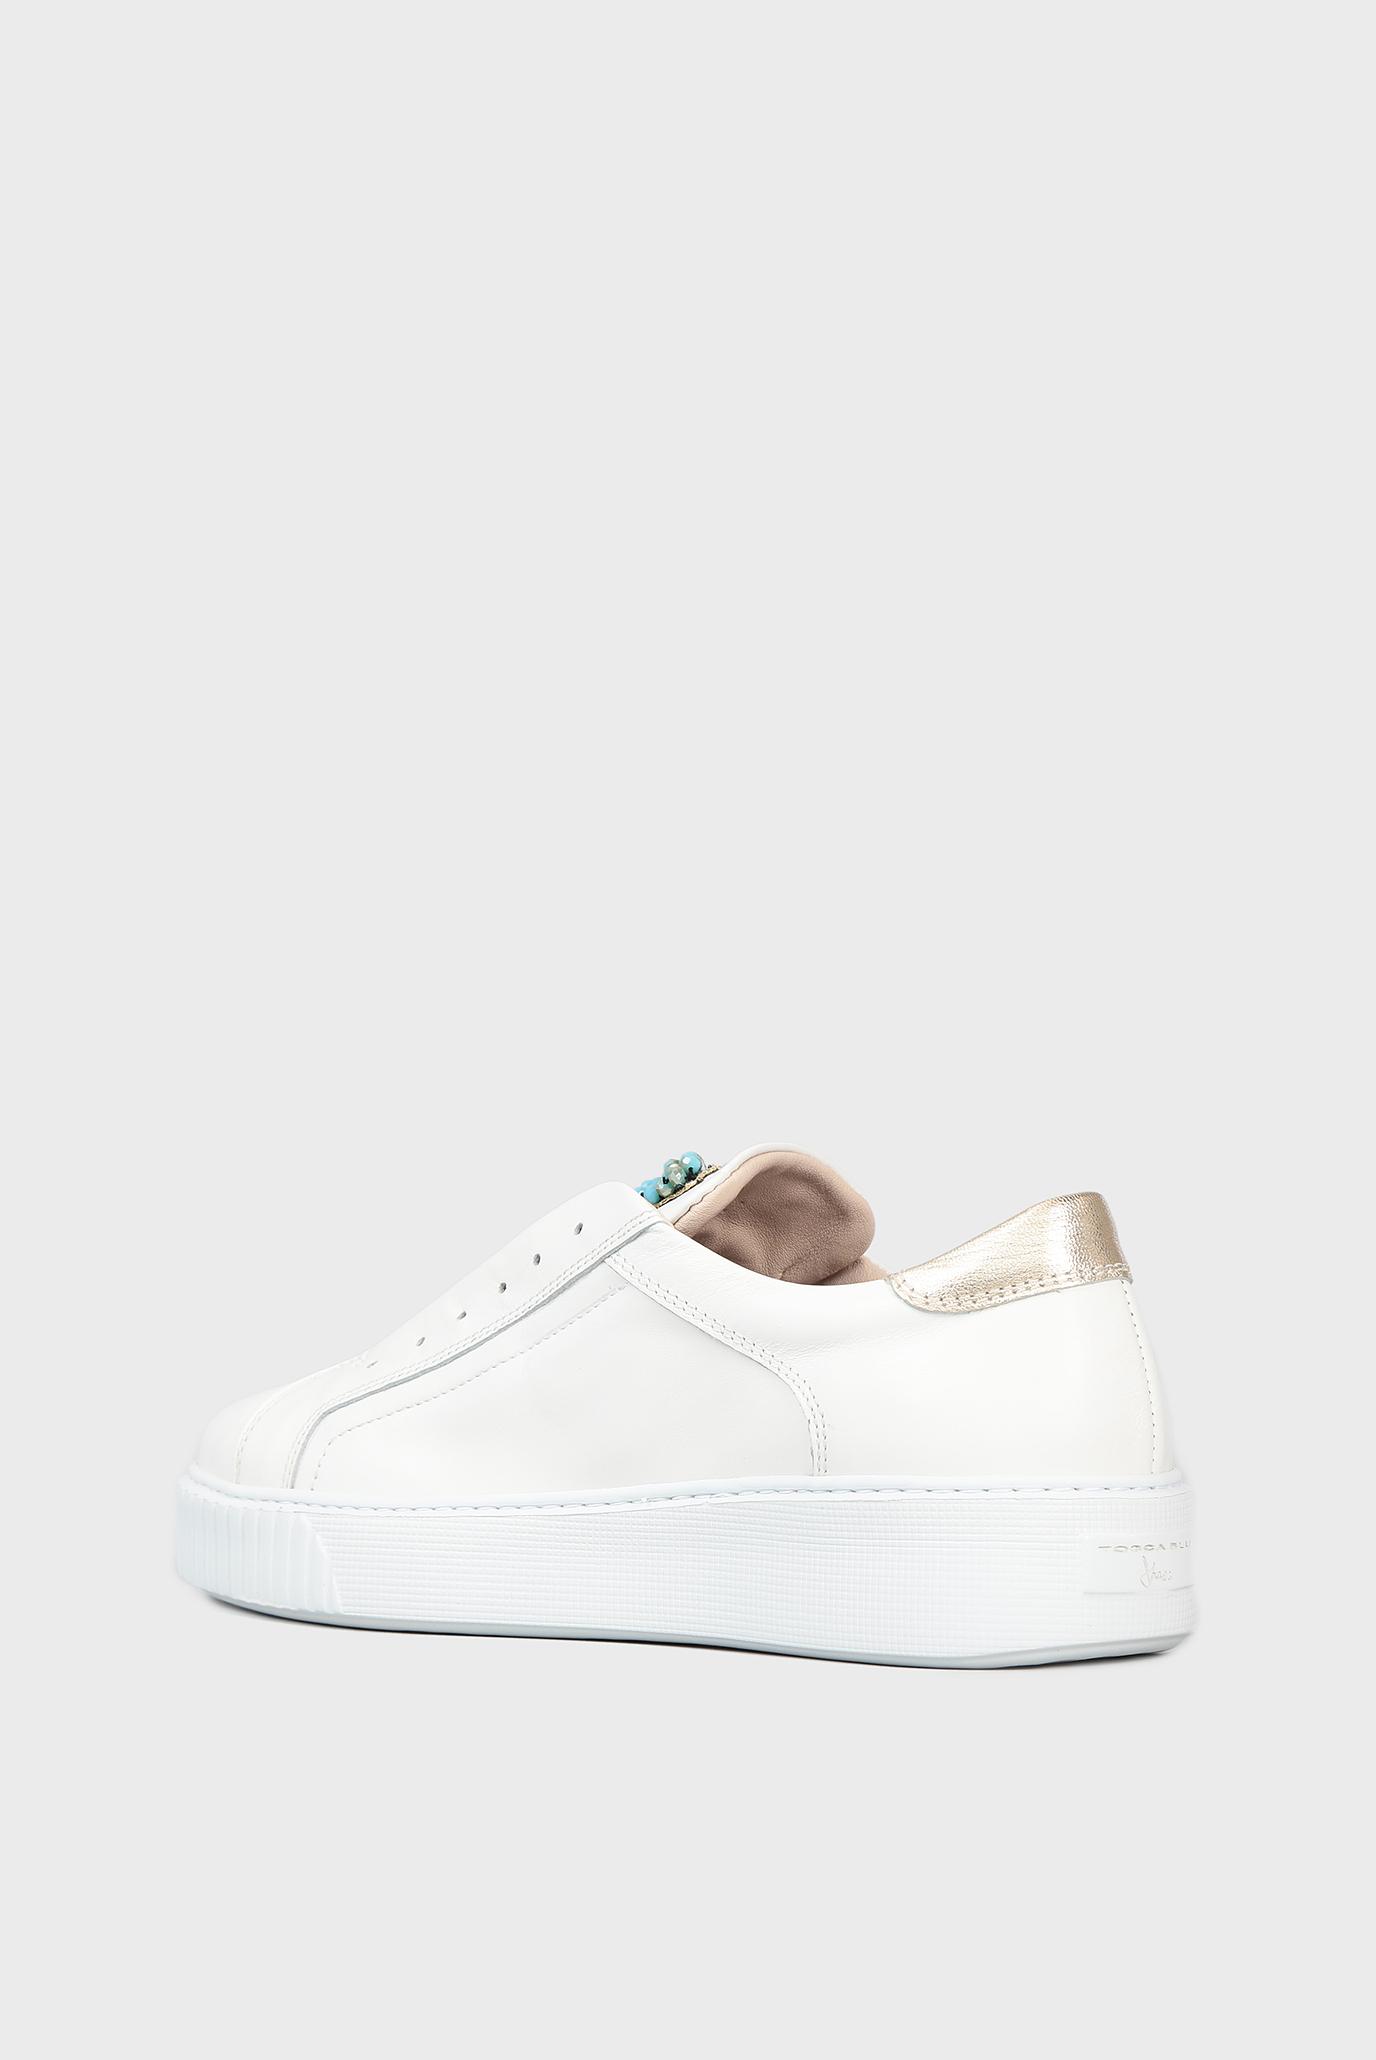 Купить Женские белые кожаные сникеры Tosca Blu  Tosca Blu  SS1807S122 – Киев, Украина. Цены в интернет магазине MD Fashion